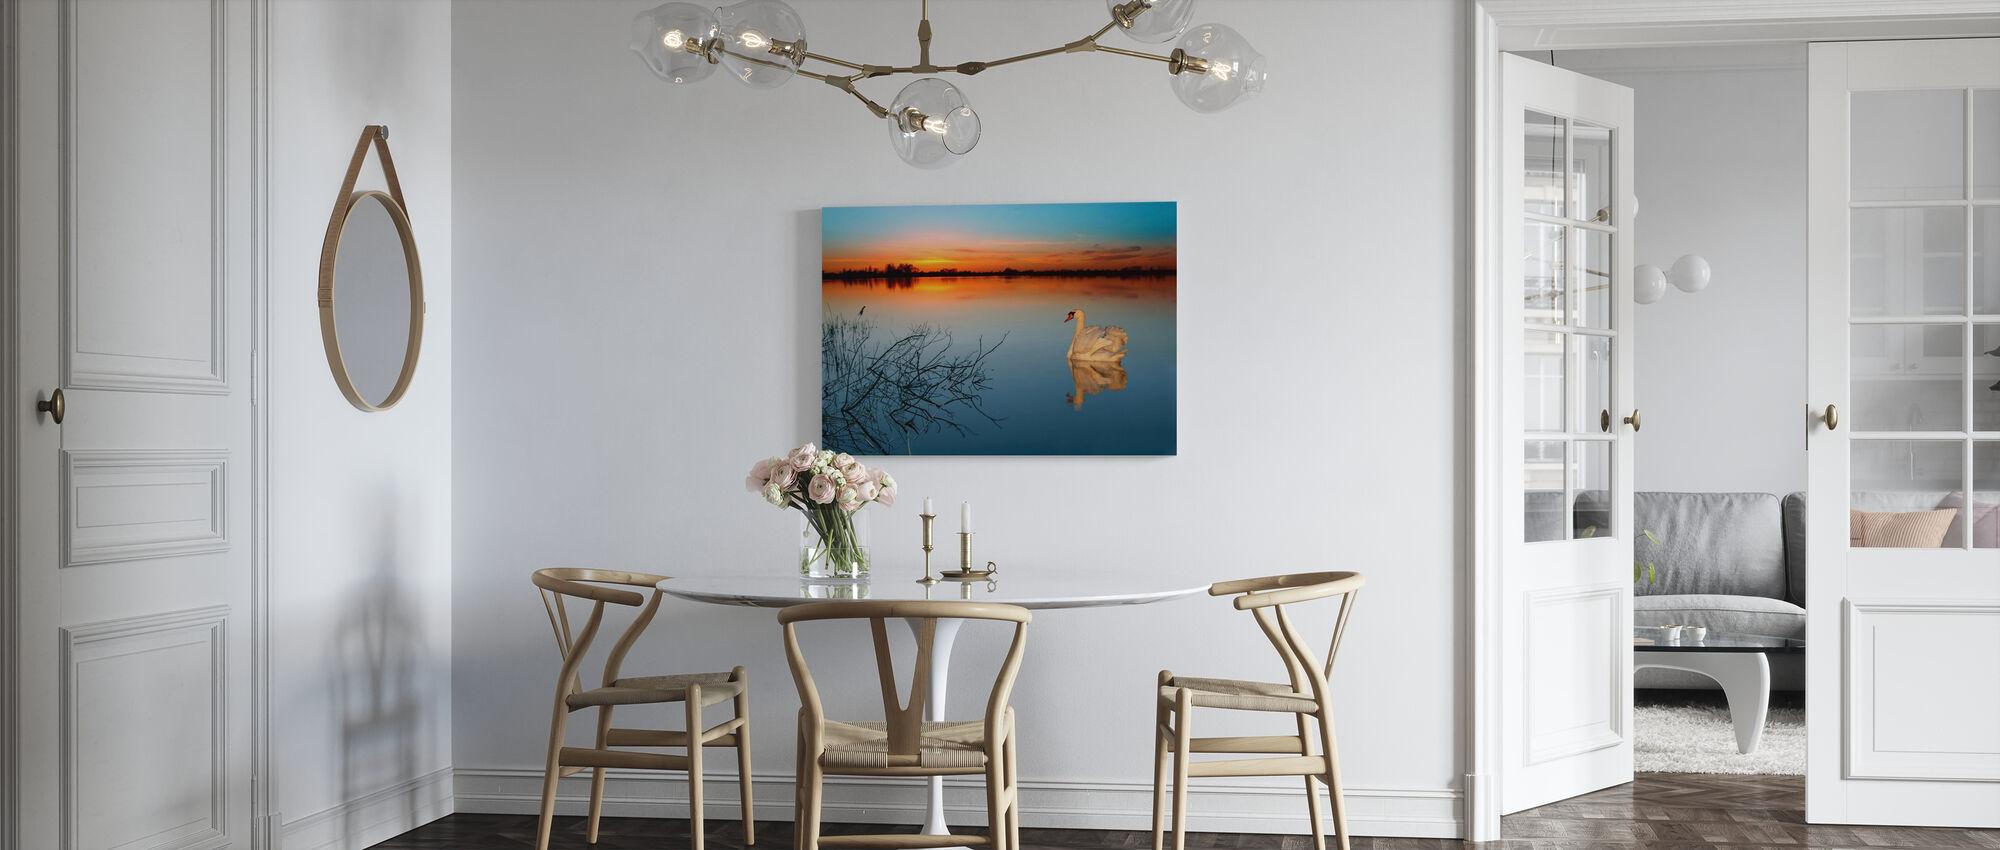 Cygne sur un lac - Impression sur toile - Cuisine